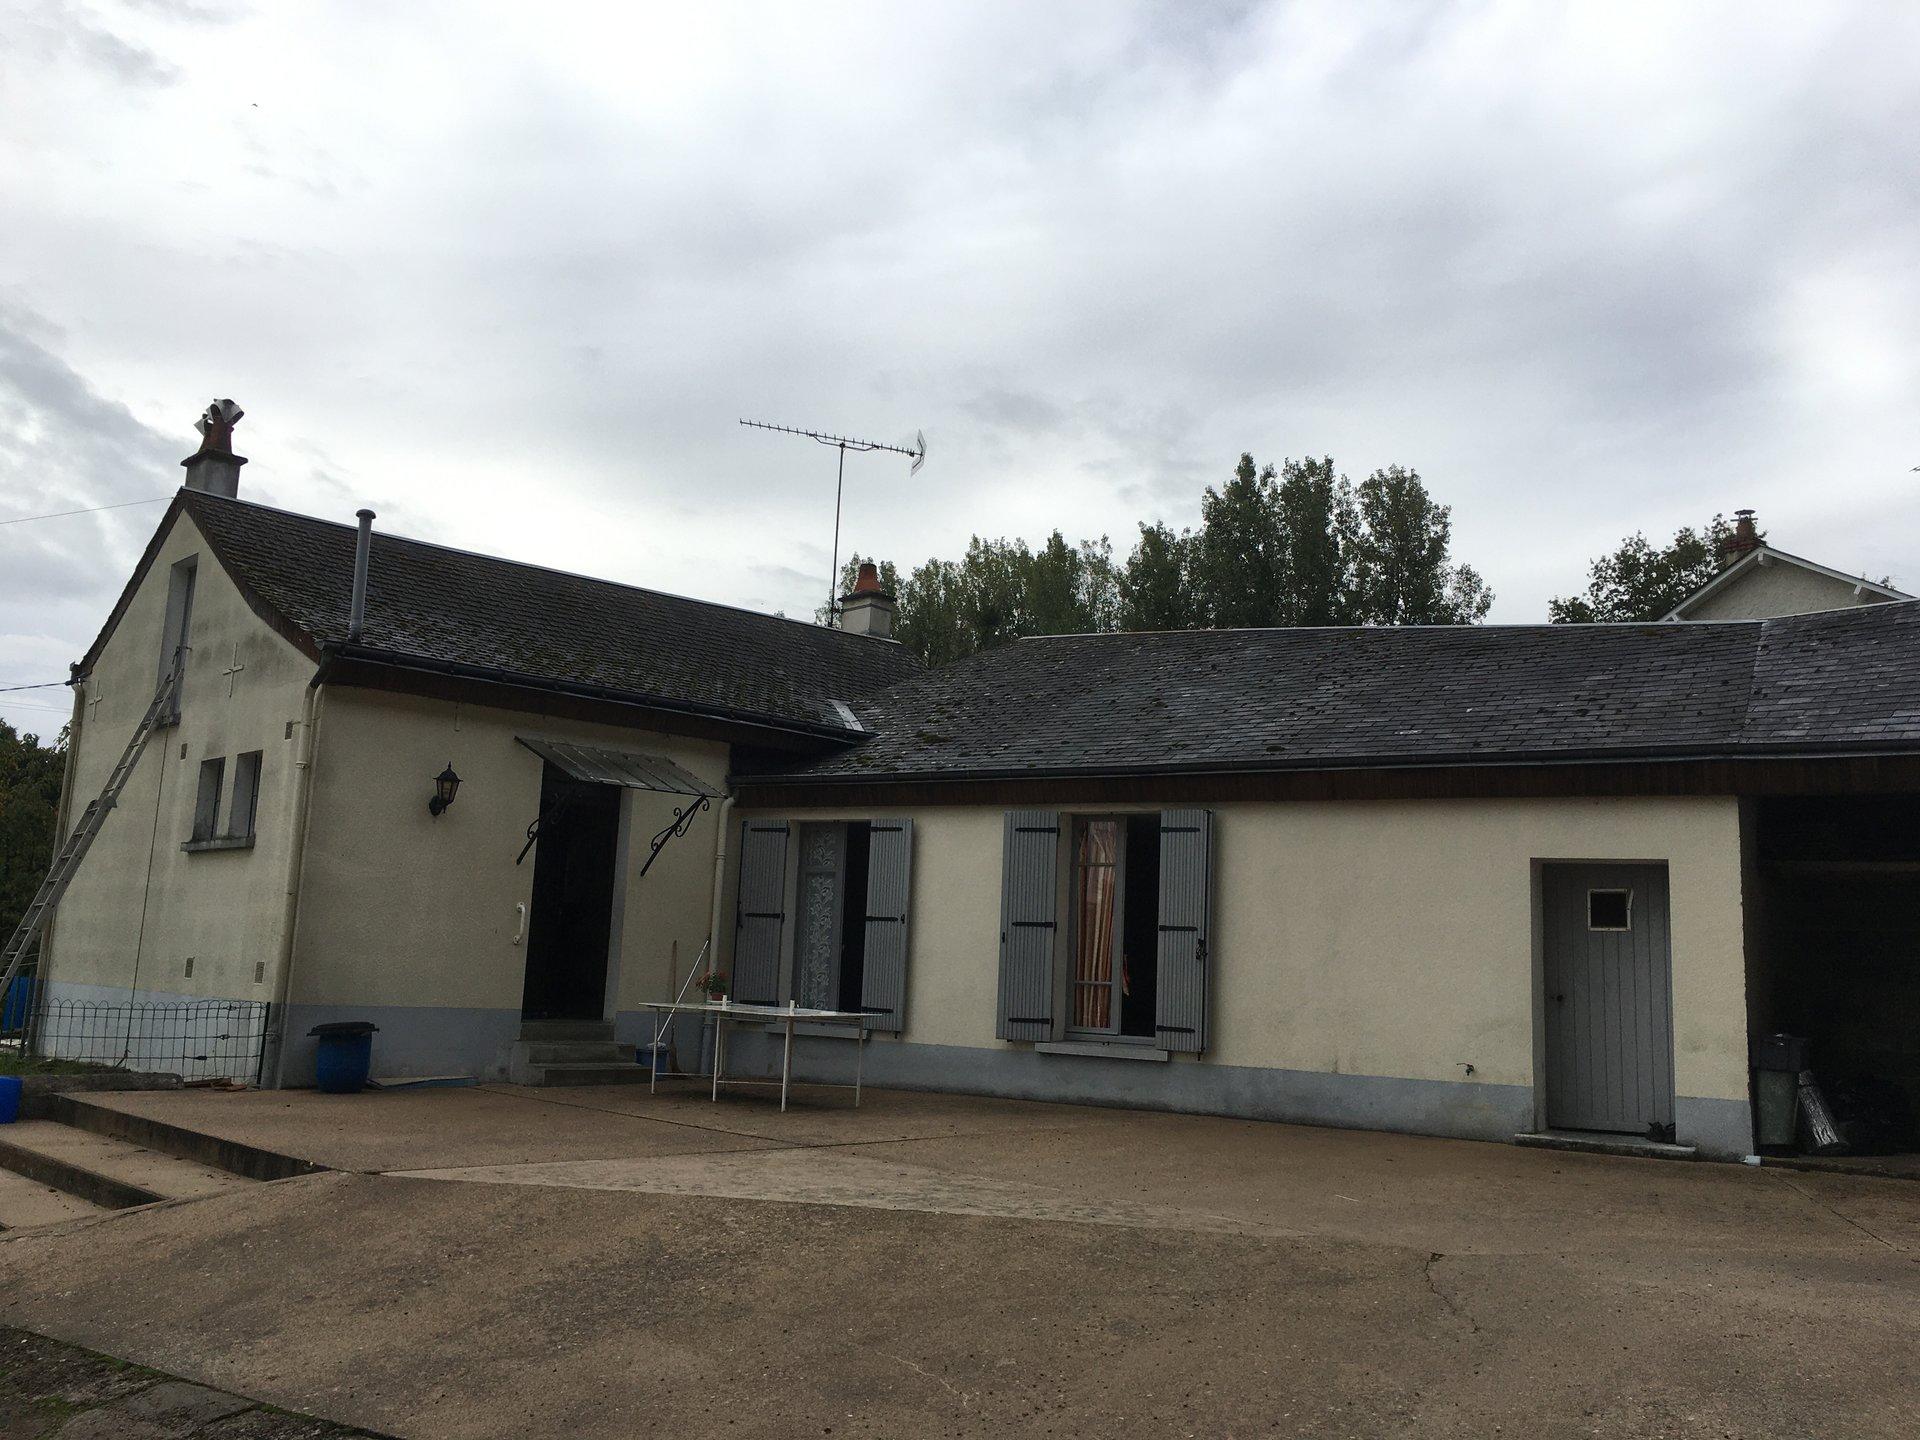 Côteaux sur Loire